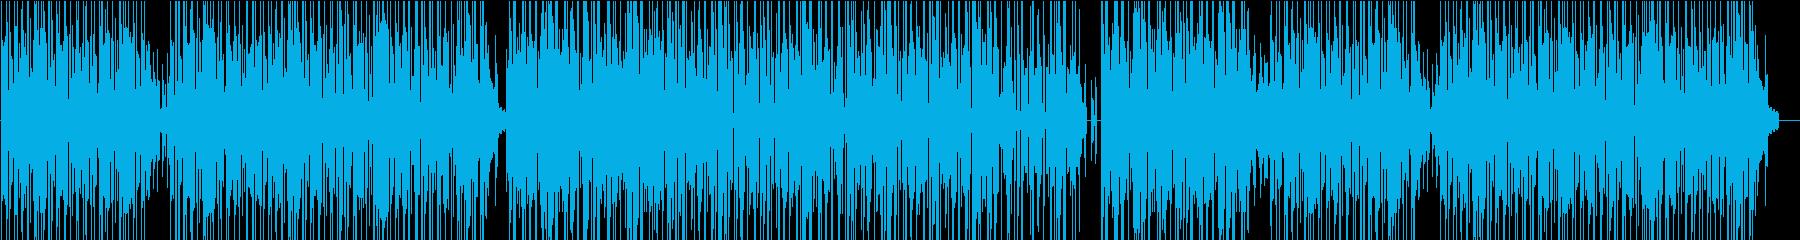 明るく軽快なBGMの再生済みの波形